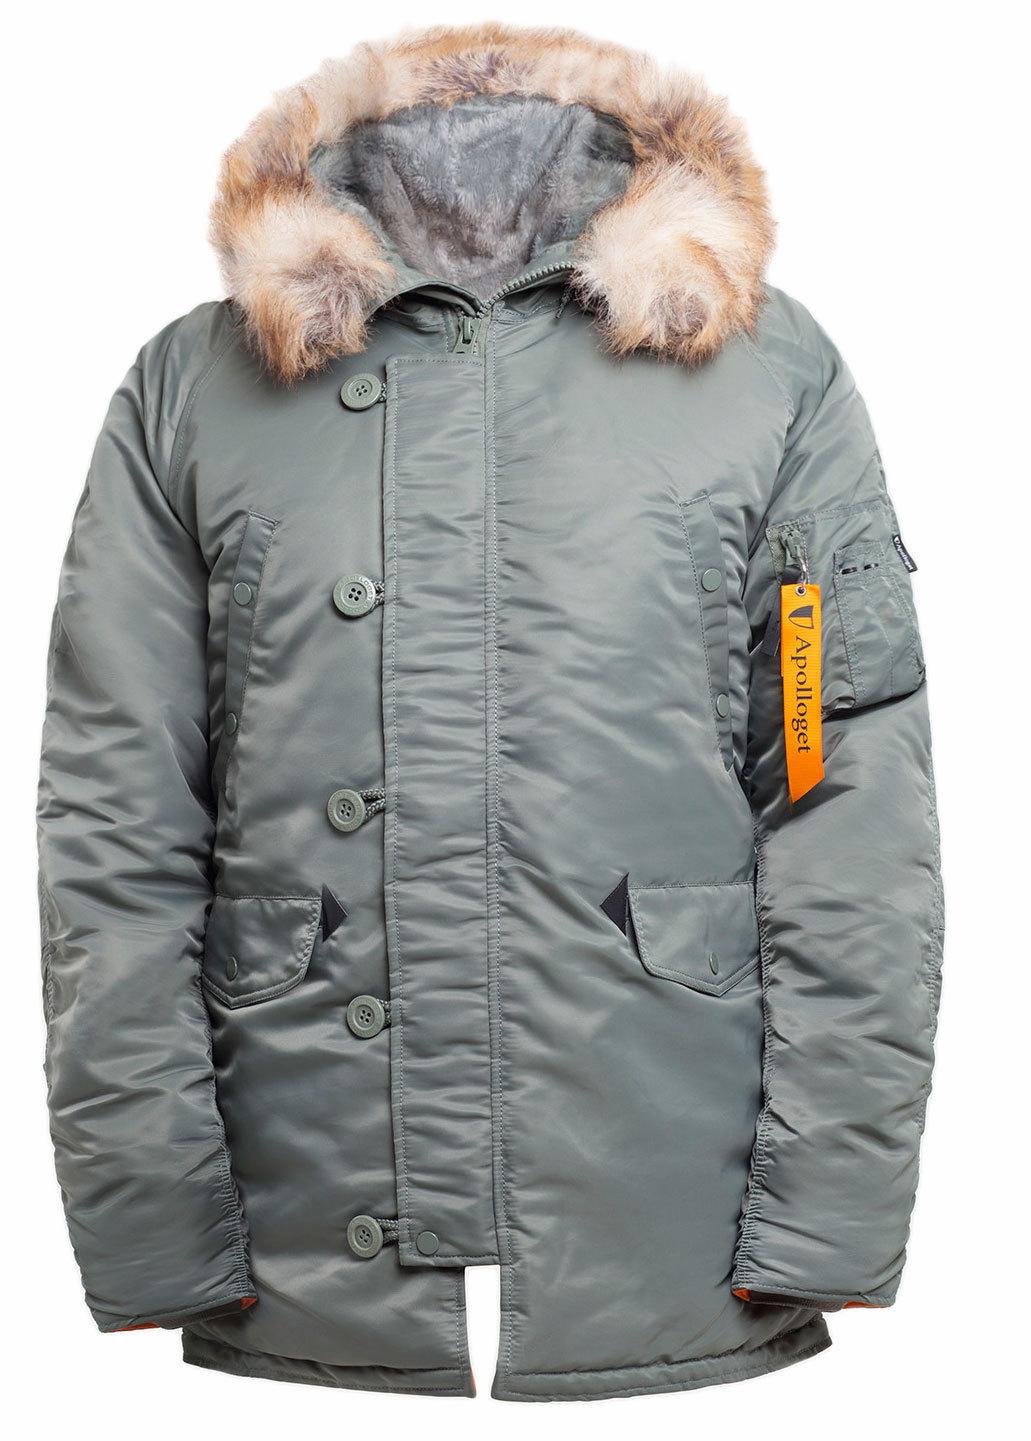 Куртка Аляска  N-3B  Husky Nord Storm Apolloget 2019 (оливковый - olive/orange)